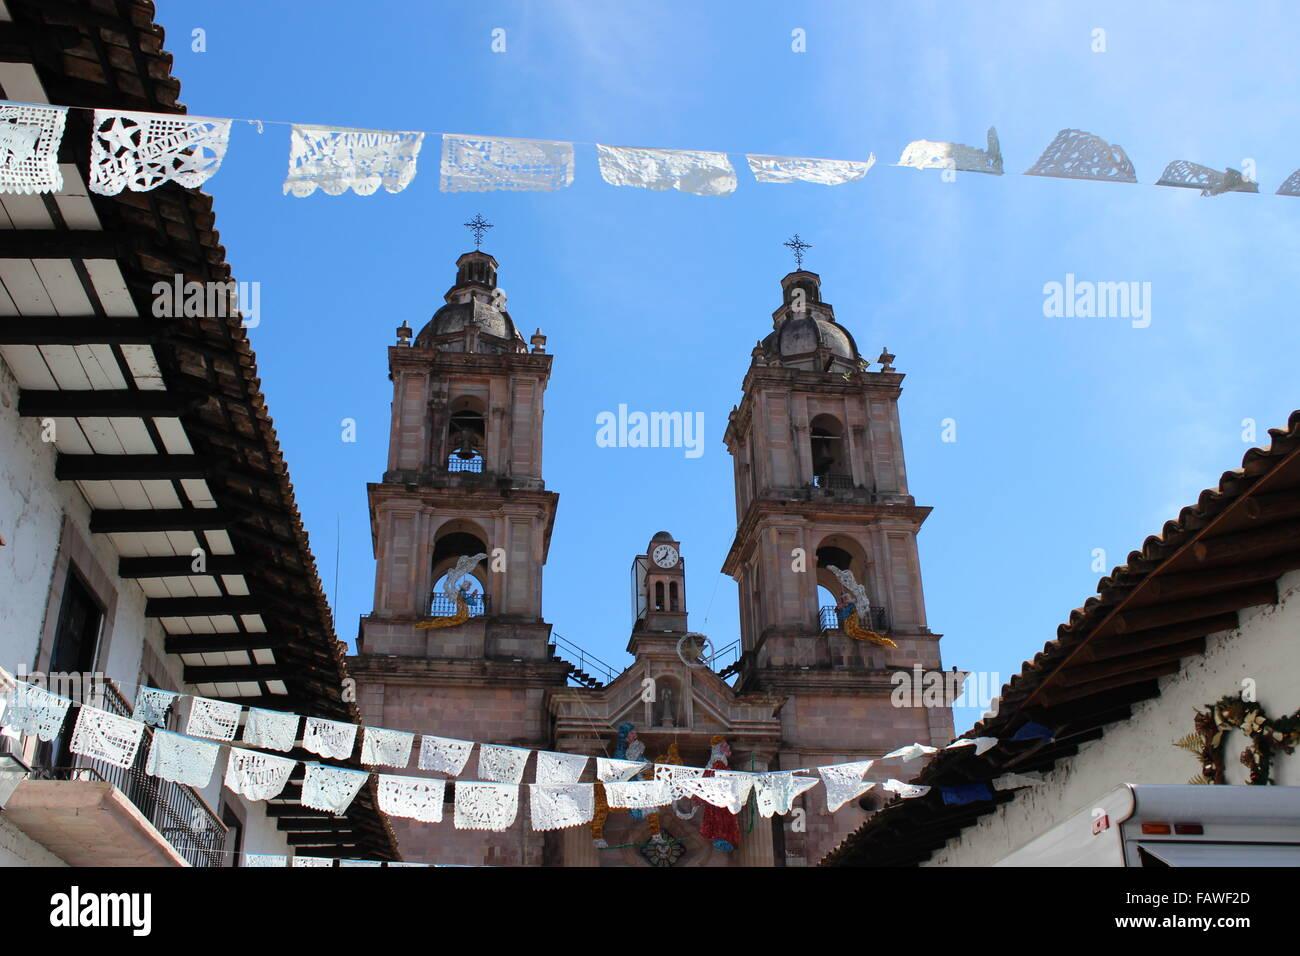 Church in the main square of Valle de Bravo, Estado de México, Mexico - Stock Image